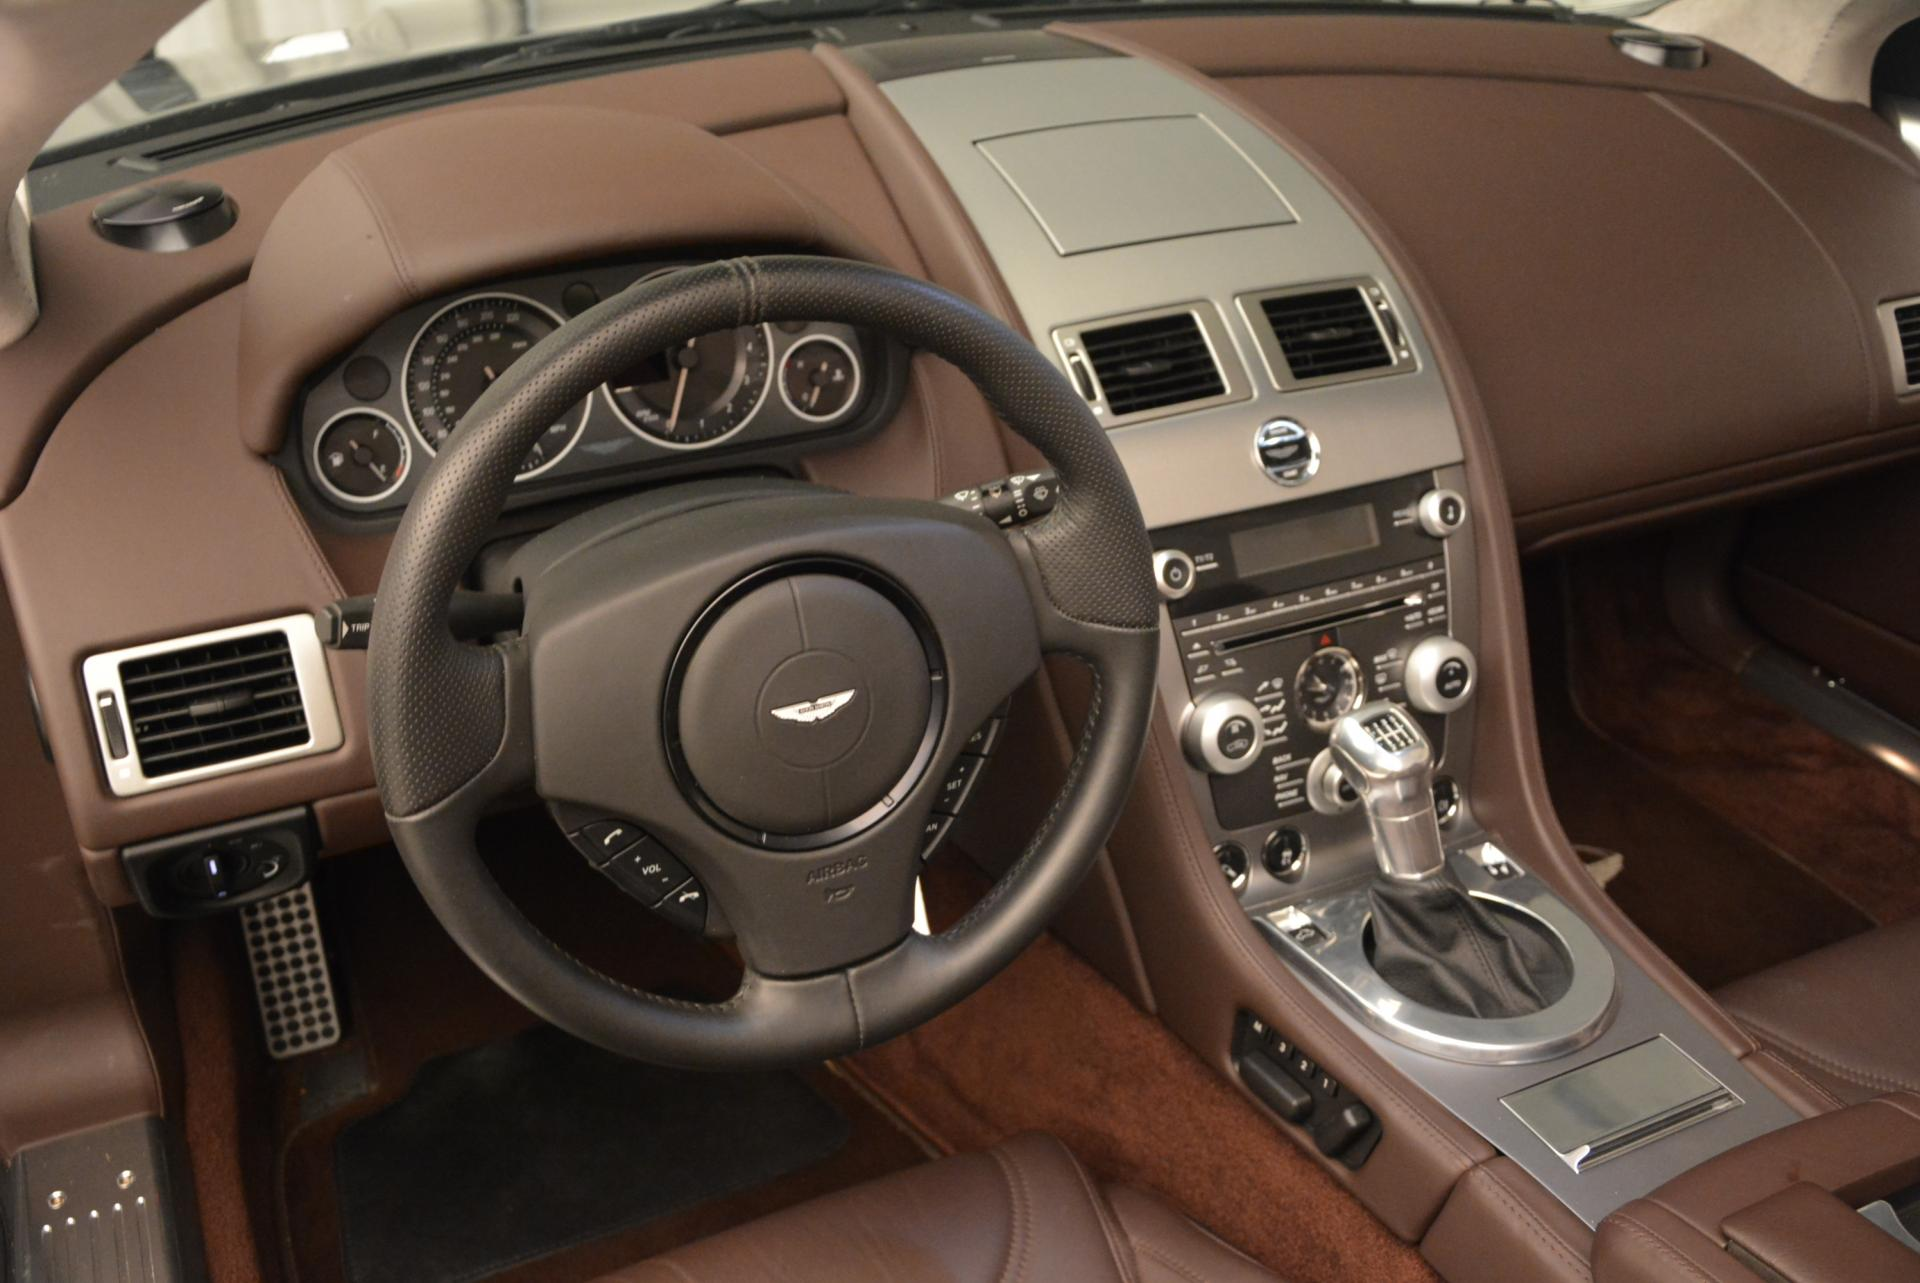 Used 2010 Aston Martin DBS Volante For Sale In Greenwich, CT. Alfa Romeo of Greenwich, 7035 87_p25